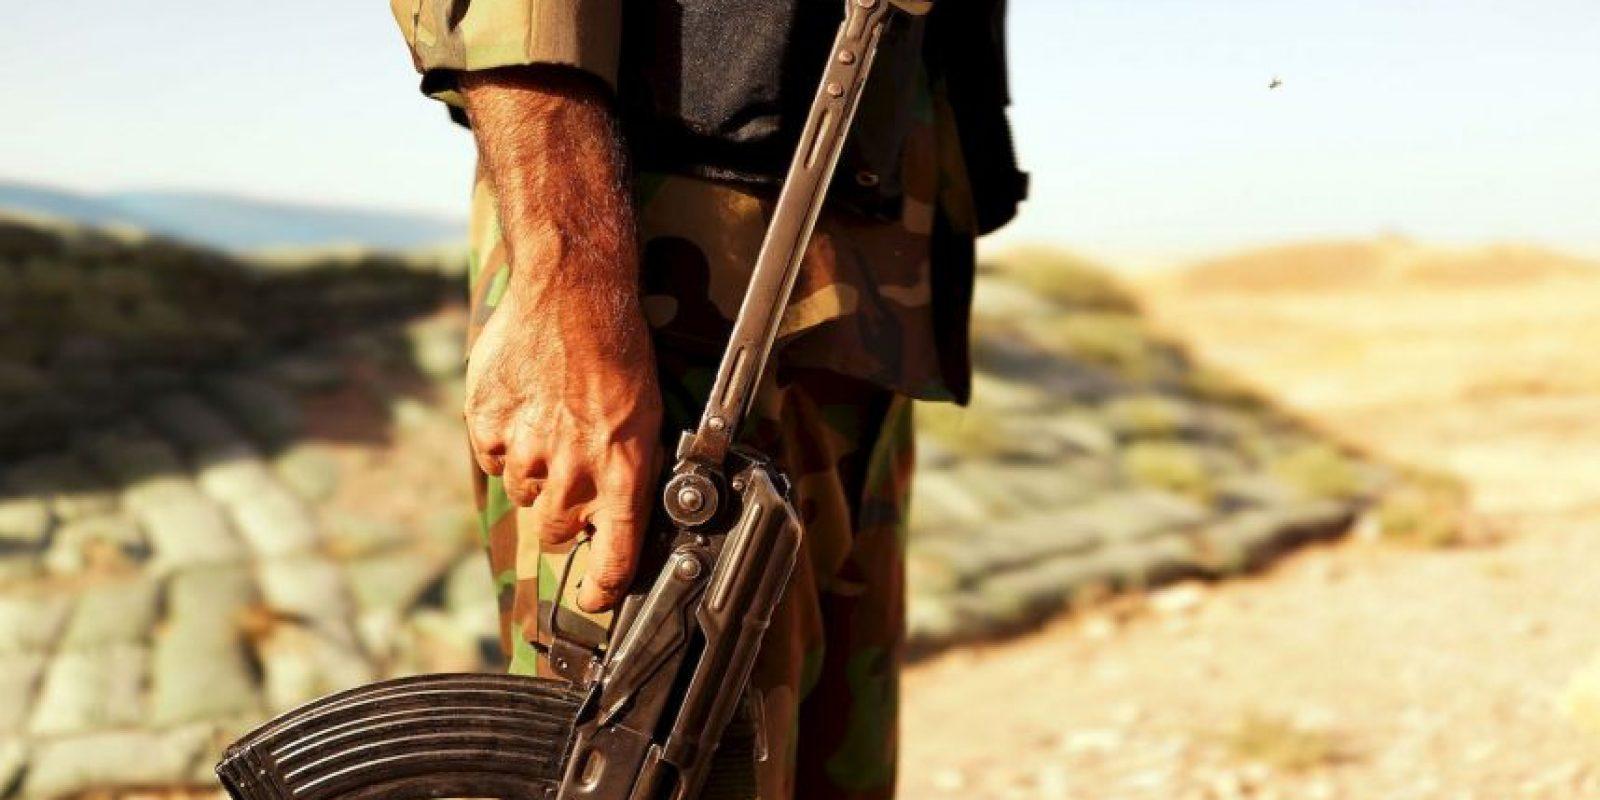 En las últimas semanas el Estado Islámico ha publicado en las redes sociales los fuertes castigos que impone. Foto:Getty